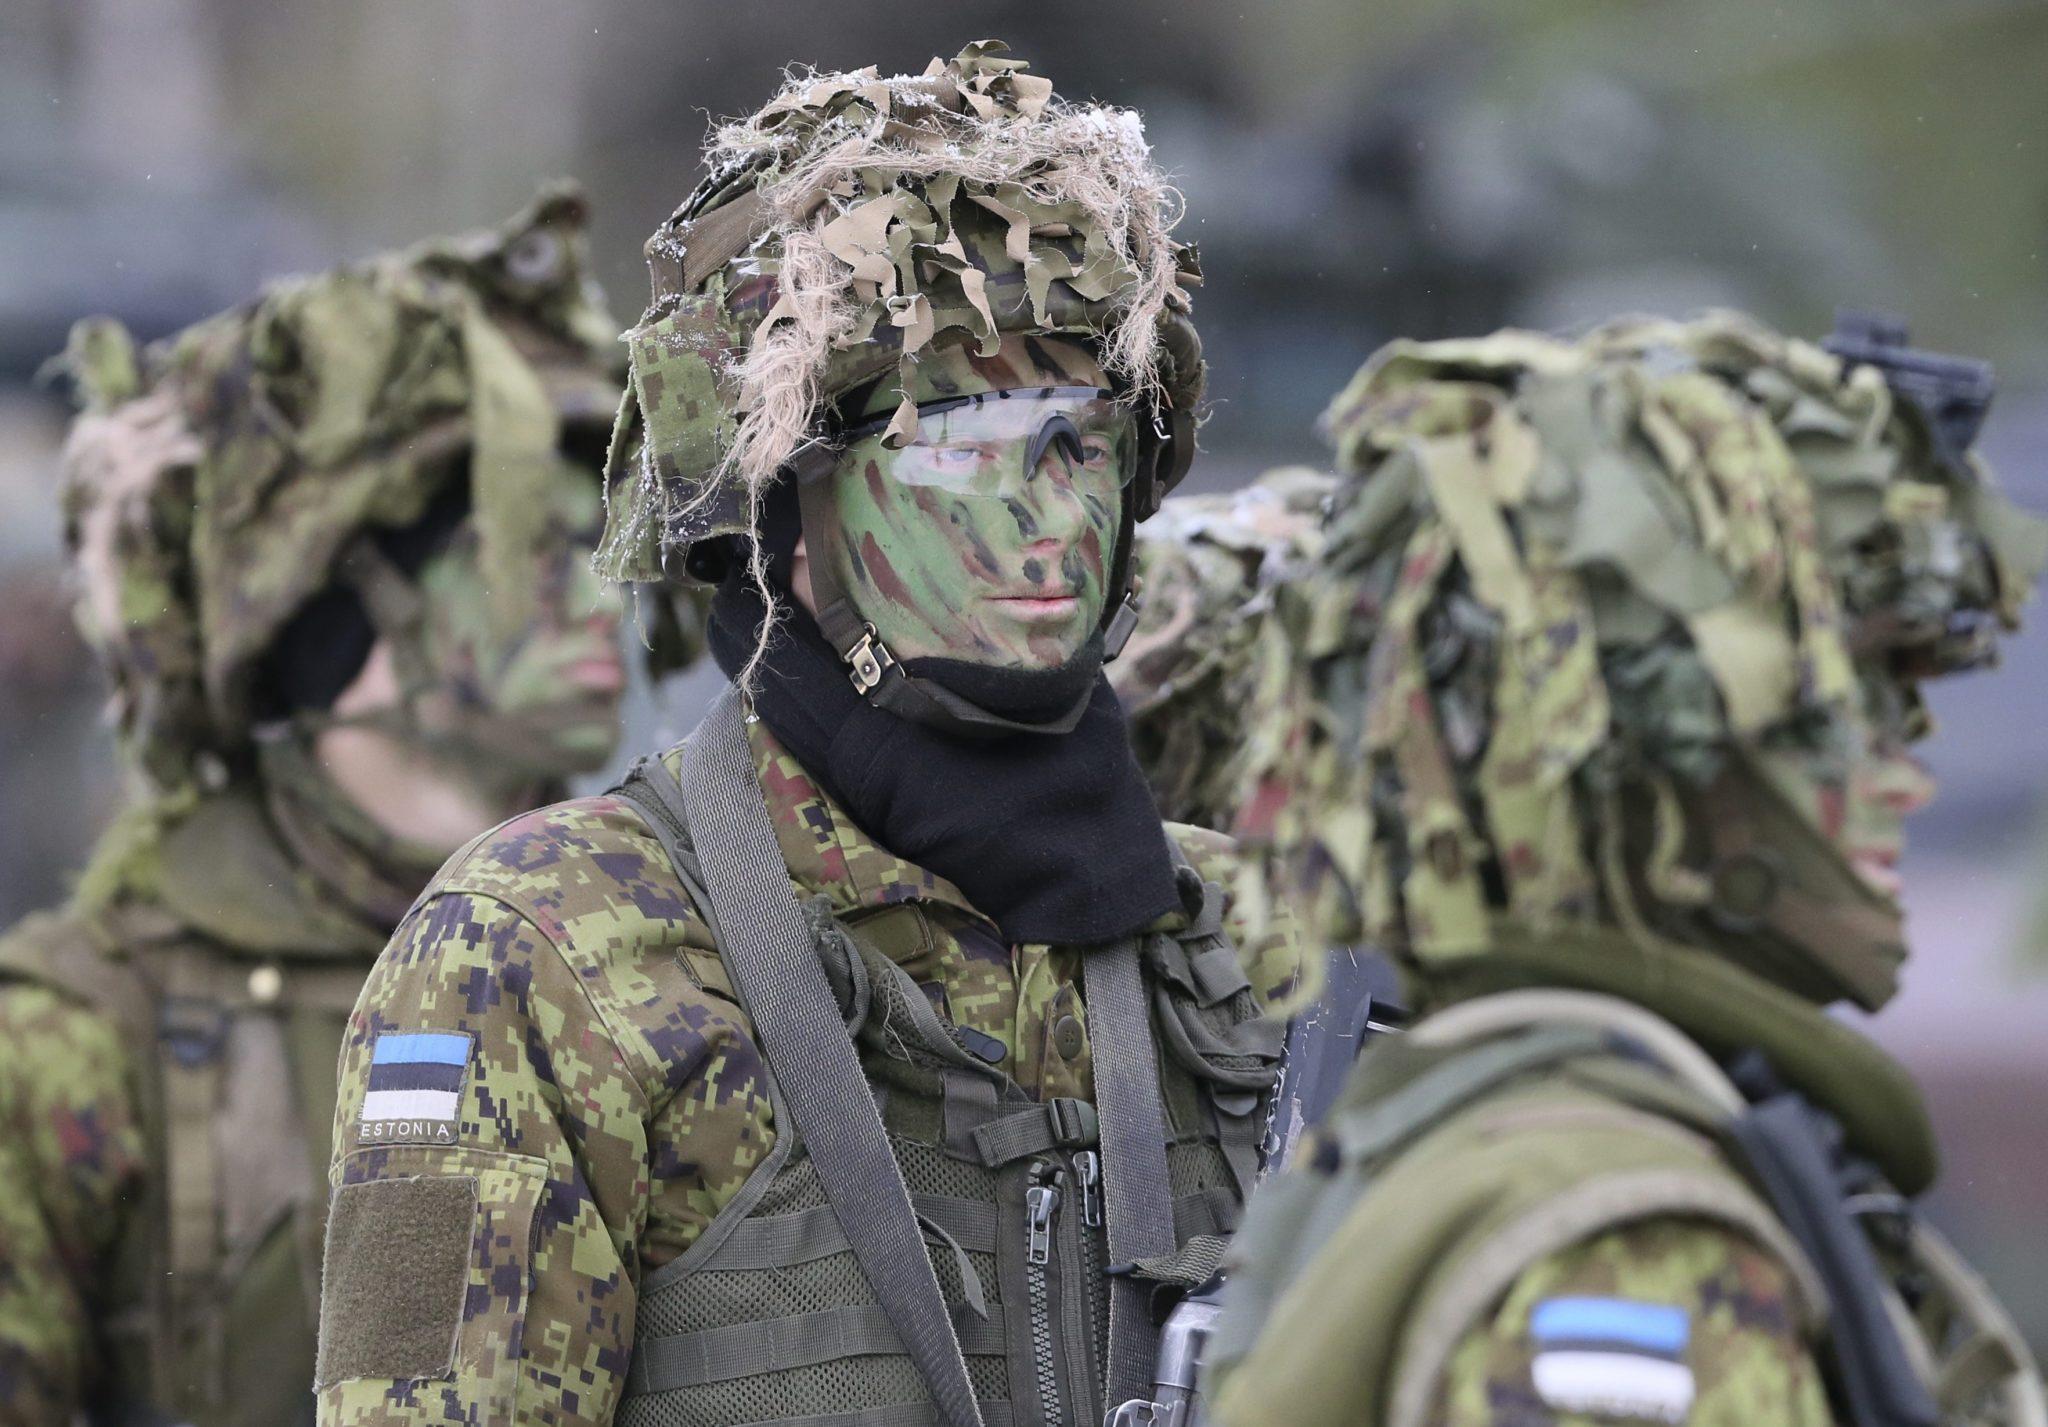 Litwa: ćwiczenia międzynarodowych wojsk NATO niedaleko Wilna (foto. PAP/EPA/OLIVIER HOSLET)